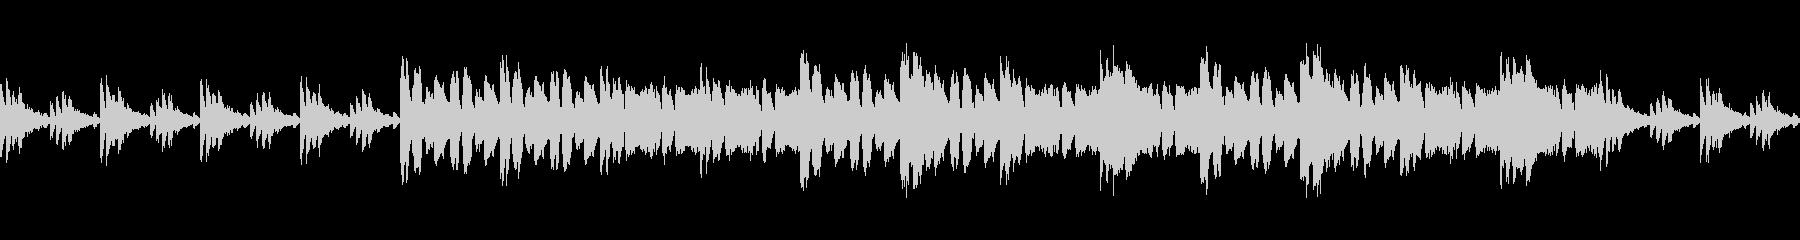 印象的なリズム刻みな曲の未再生の波形